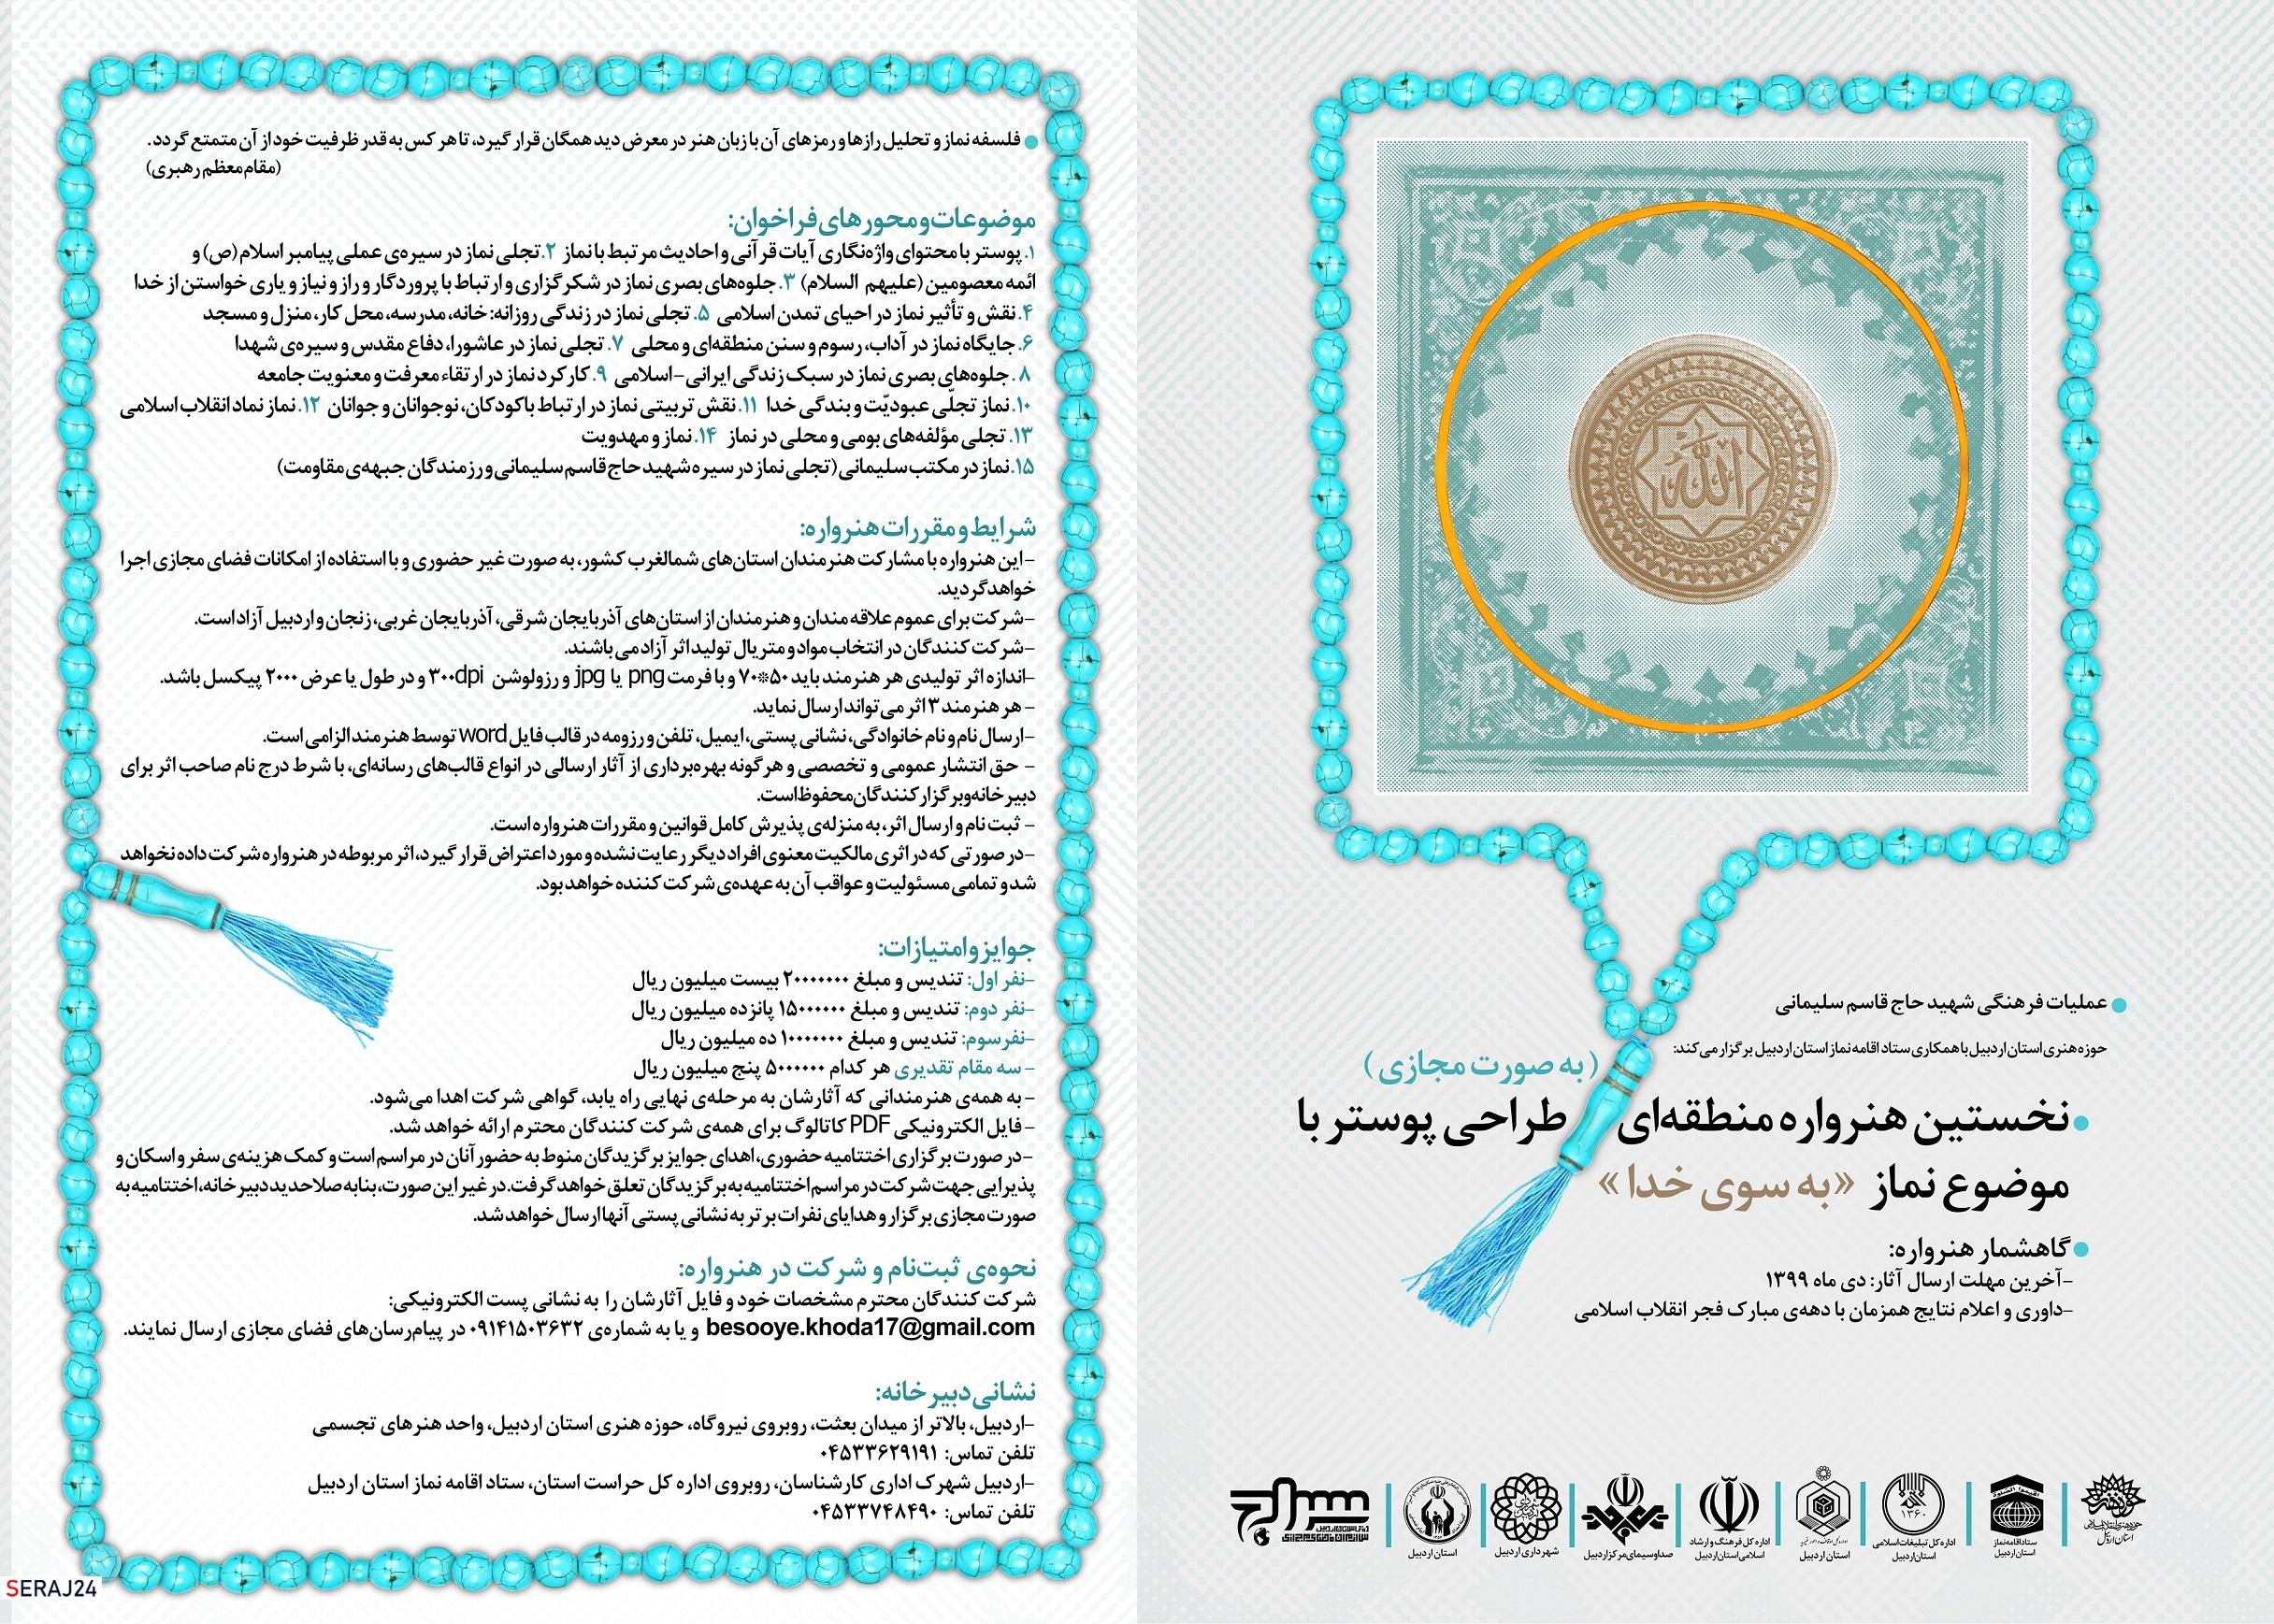 نخستین هنرواره منطقهای طراحی پوستر با موضوع نماز برگزار میشود